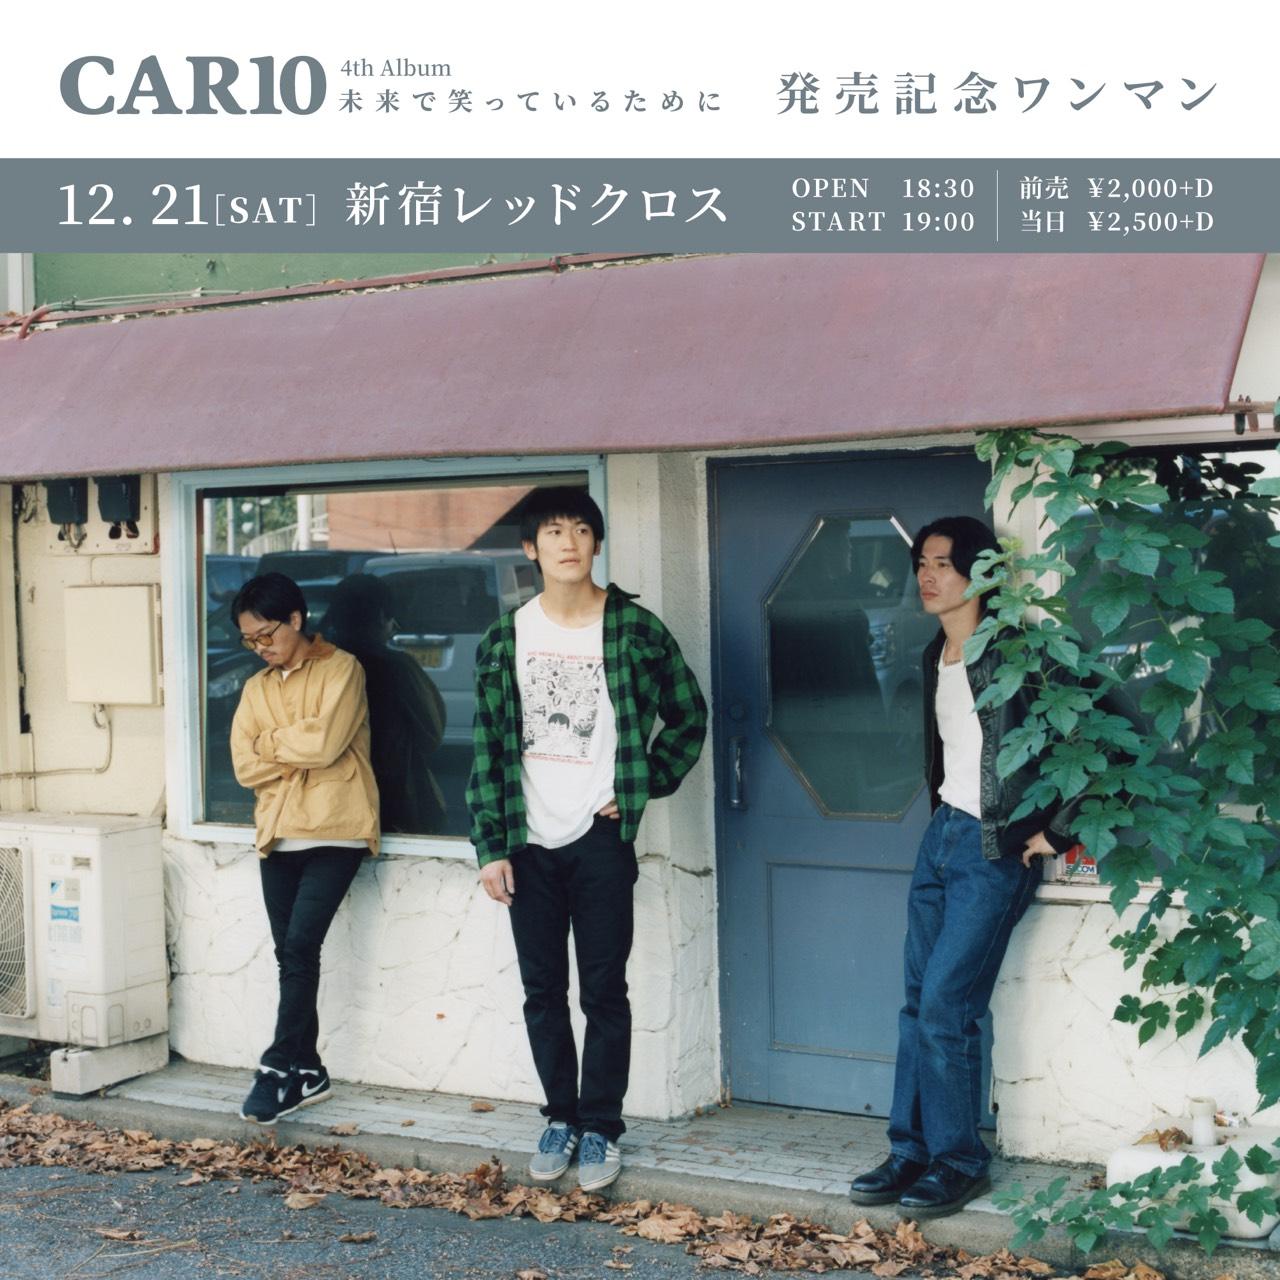 CAR10『未来で笑っているために』アルバム発売記念ワンマン